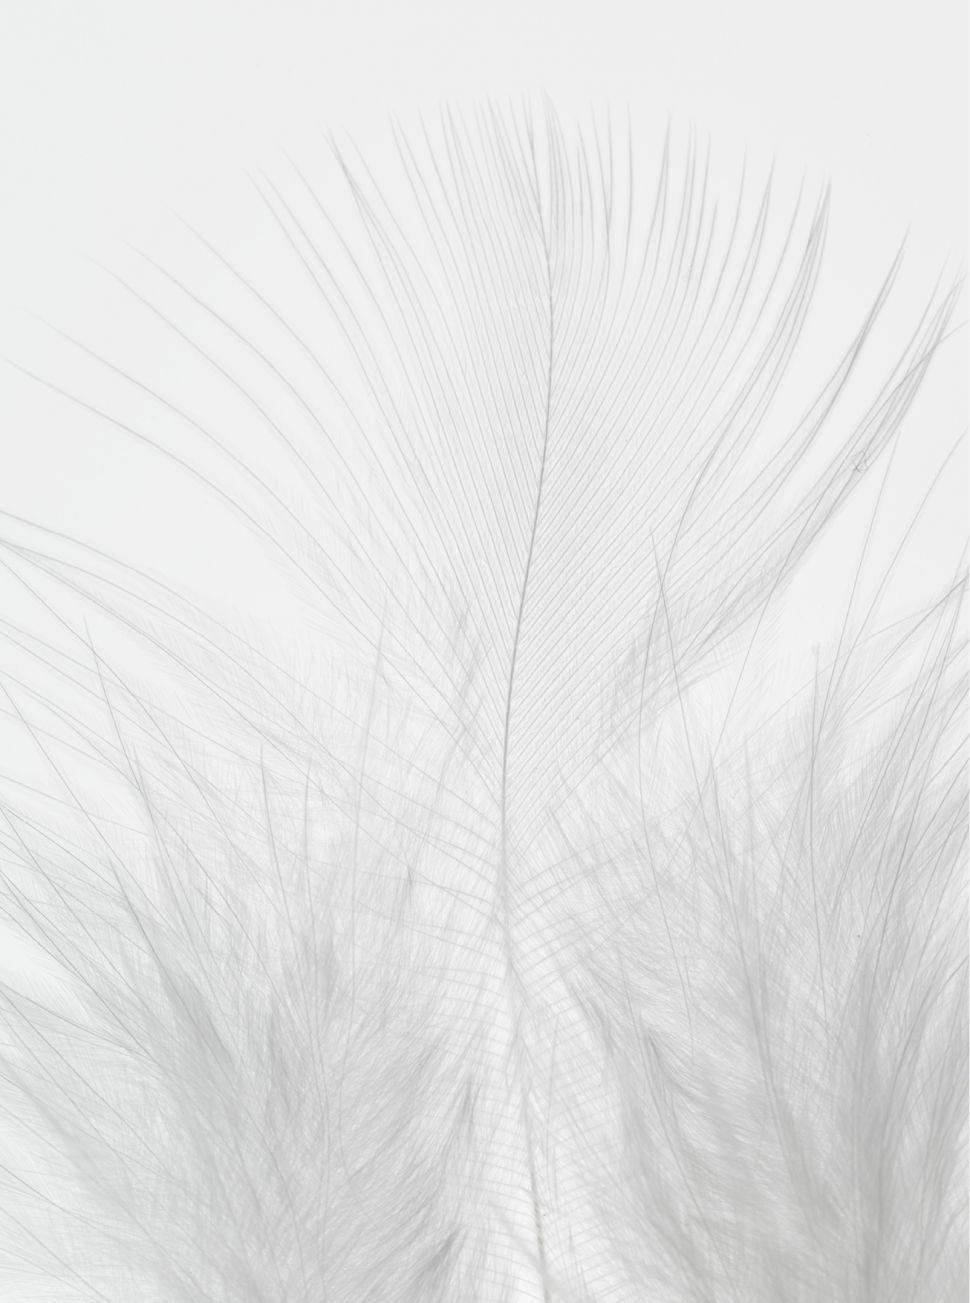 Https Www Opos Fr Opos Management Talent Fabien Sarazin Beauty Esthetique Blanc Fond D Ecran Colore Fond Couleur